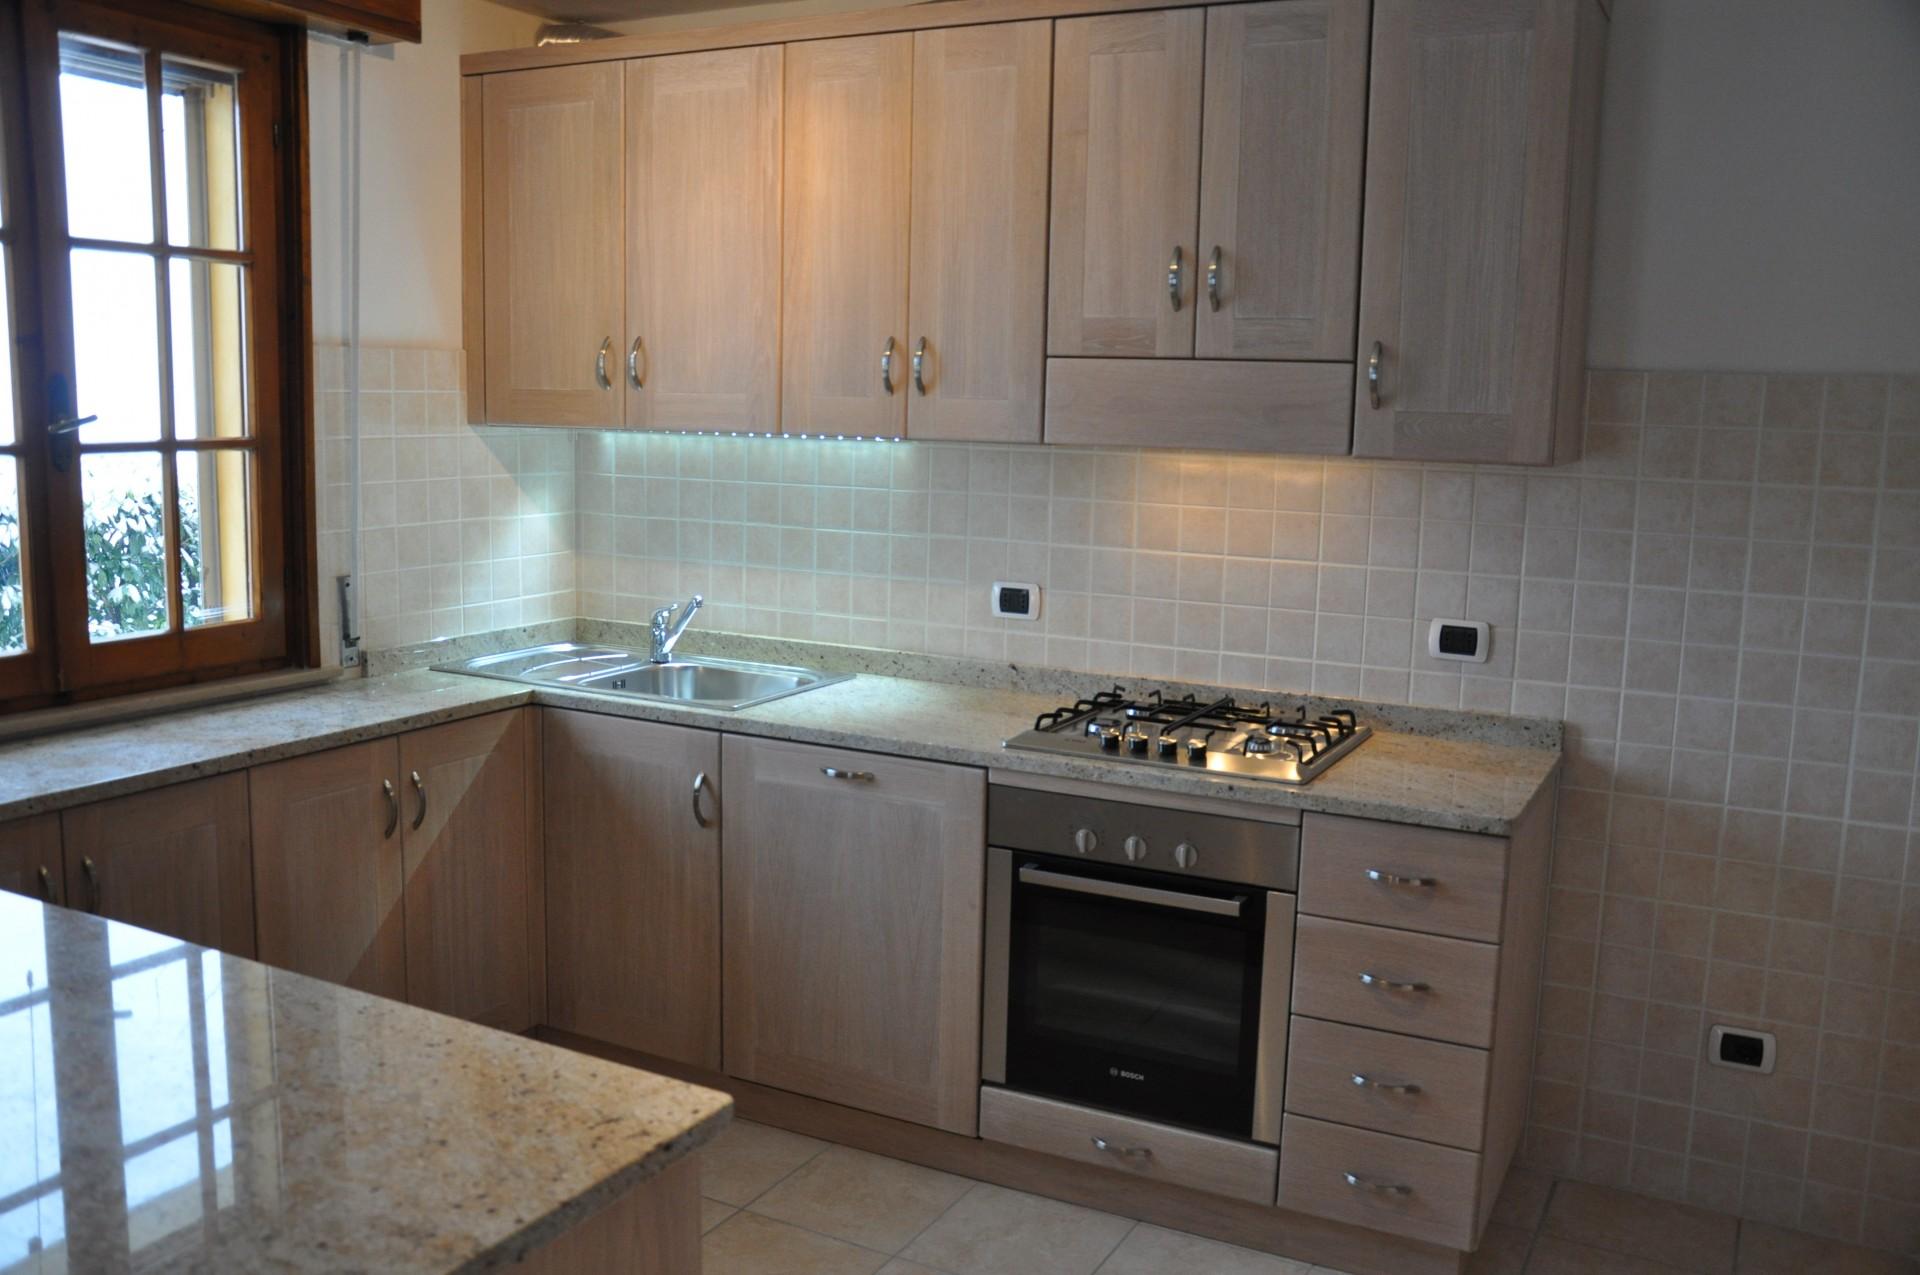 Arredamento Cucine Con Isola. Good Maxima Ceramica Collection Neve E ...